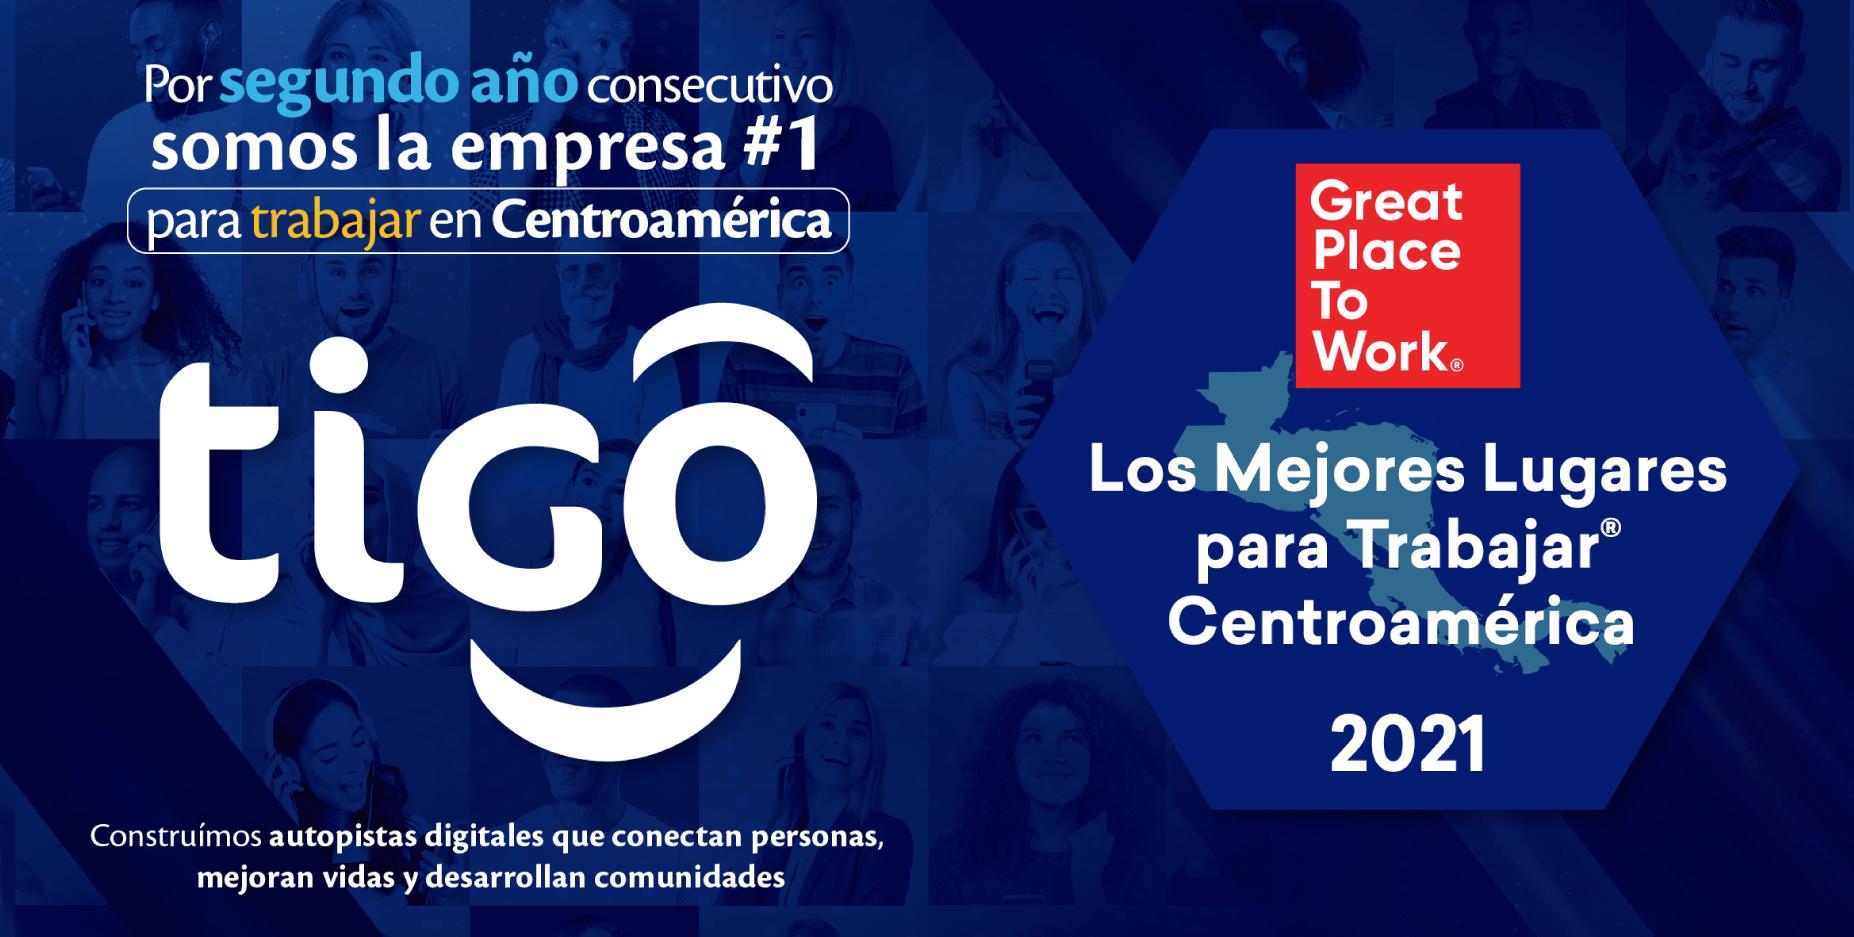 Tigo, empresa #1 para trabajar en Centroamérica